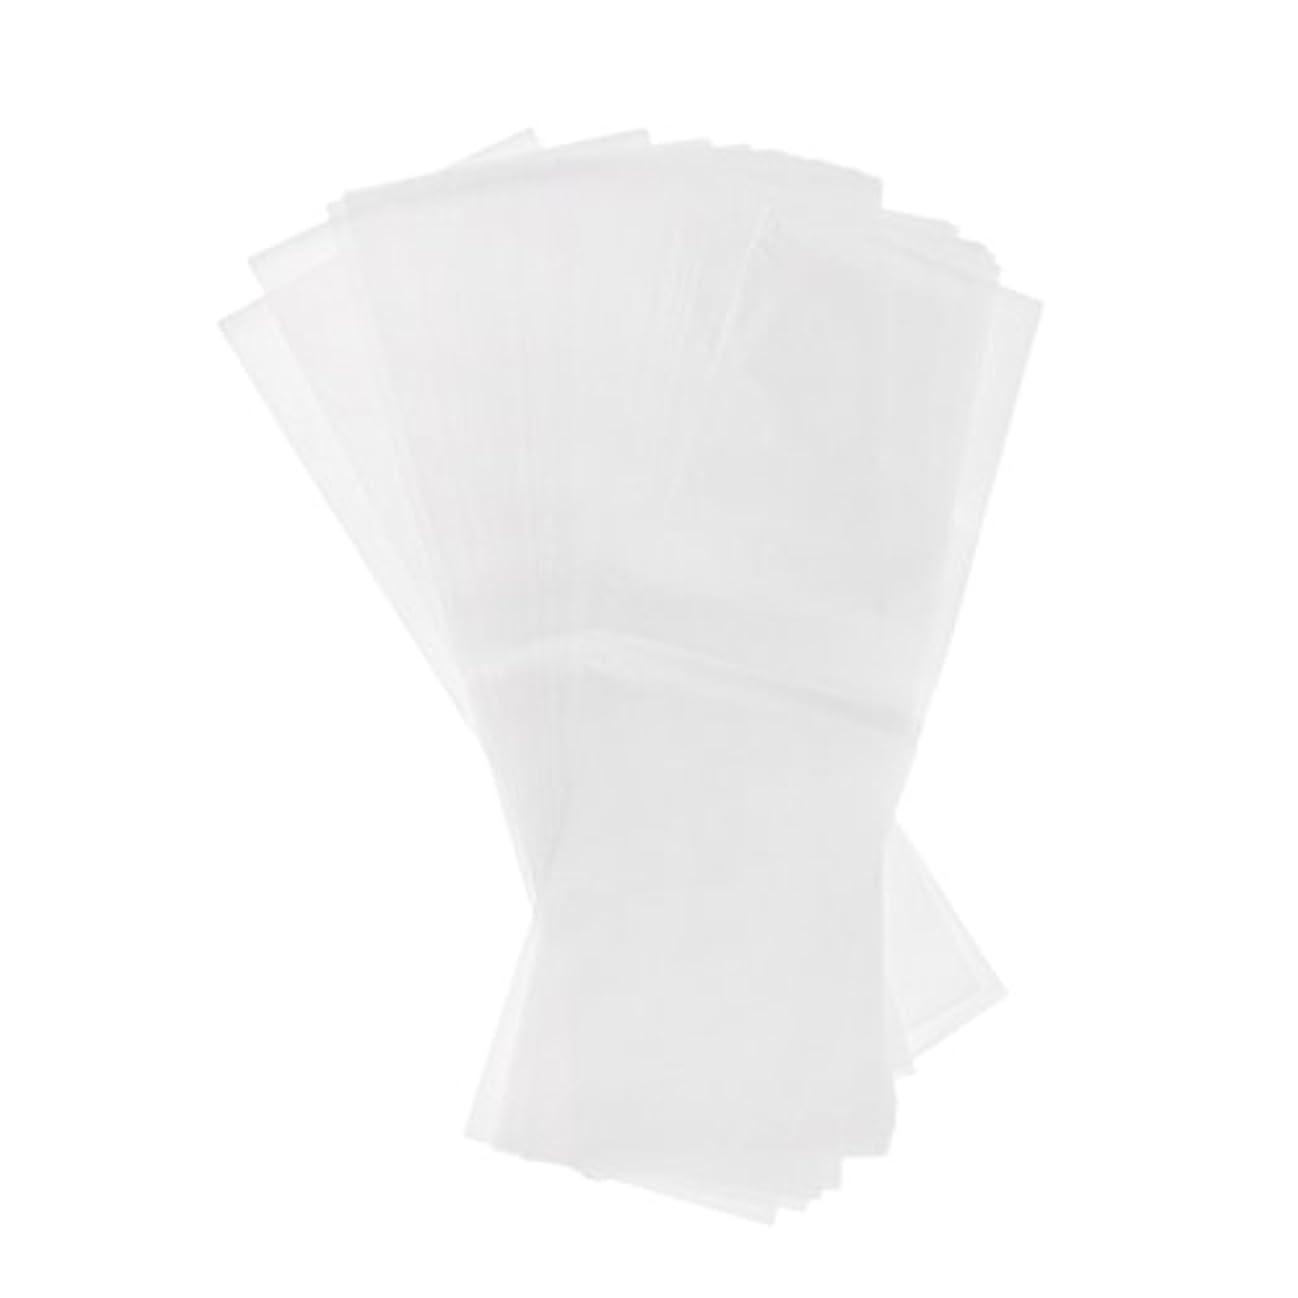 童謡持っている配当約100個 毛染め サロン プラスチック 染毛紙 色のハイライト 分離シート 再利用可能